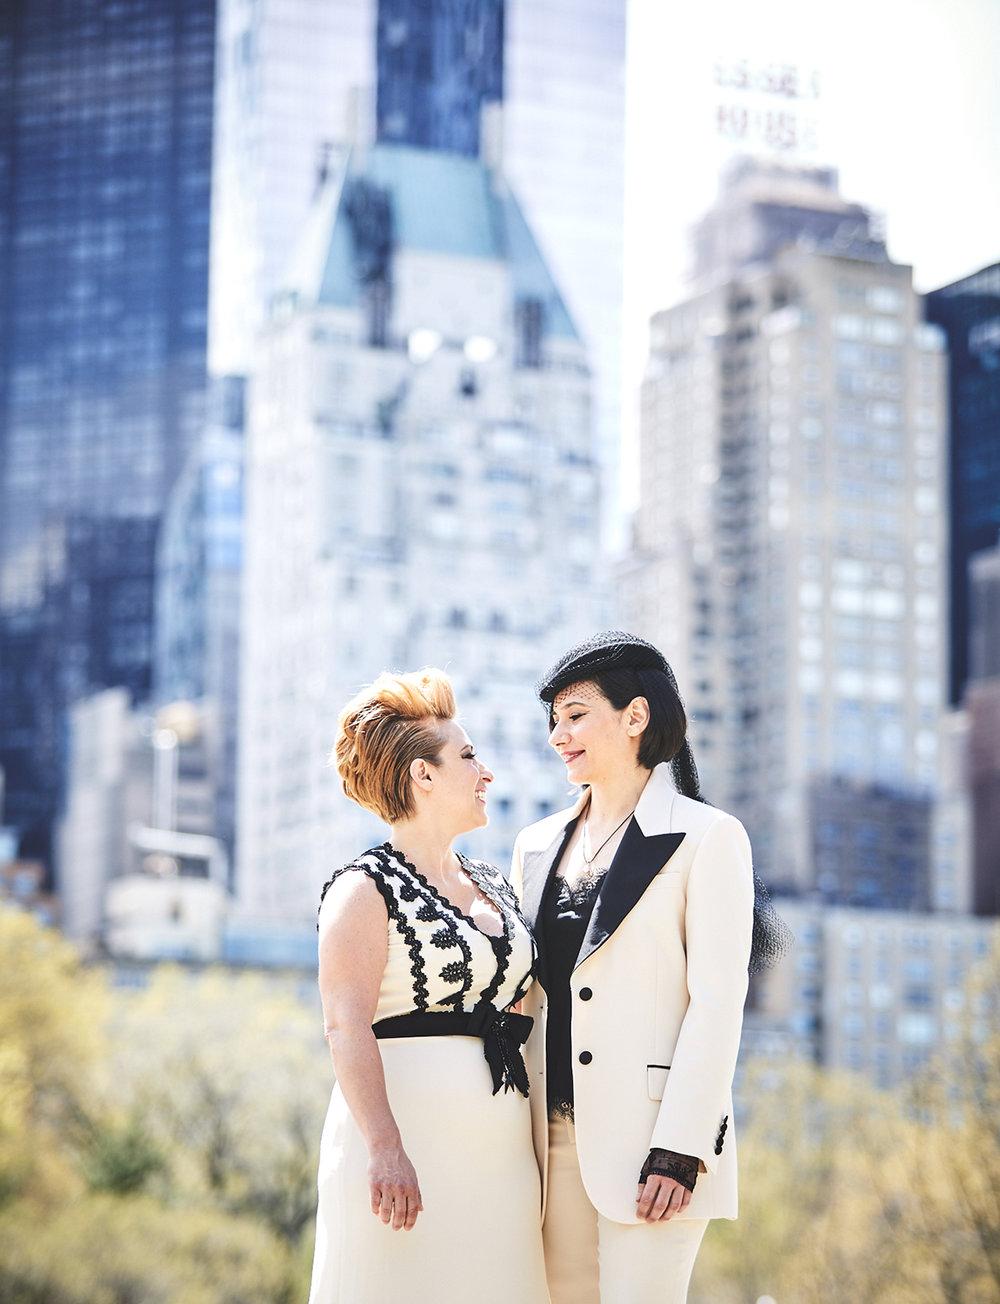 170423-SameSexWedding-GayWedding-LesbianWedding-CentralParkWedding-TheDanielWeddingPhotography_By_BriJohnsonWeddings_0037.jpg